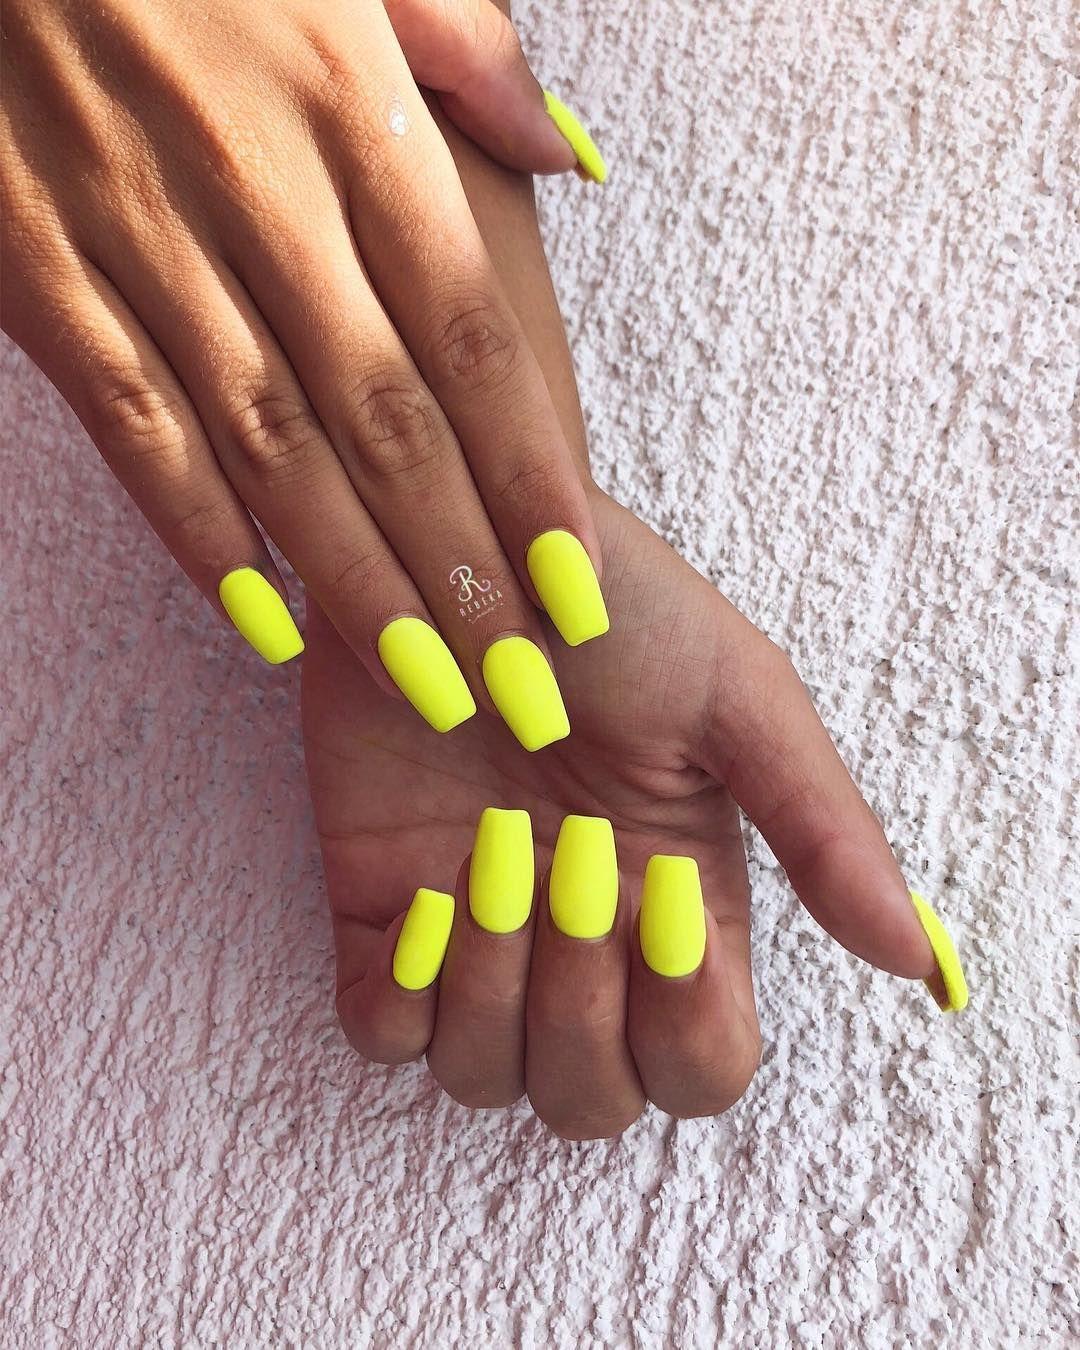 Yellow Nails Nail Nailart Neon Neonnailsummer Neonnails Summer Summernails Summerday Summervibes Summer Summerti Gelove Nehty Nehty Nehty Stiletto